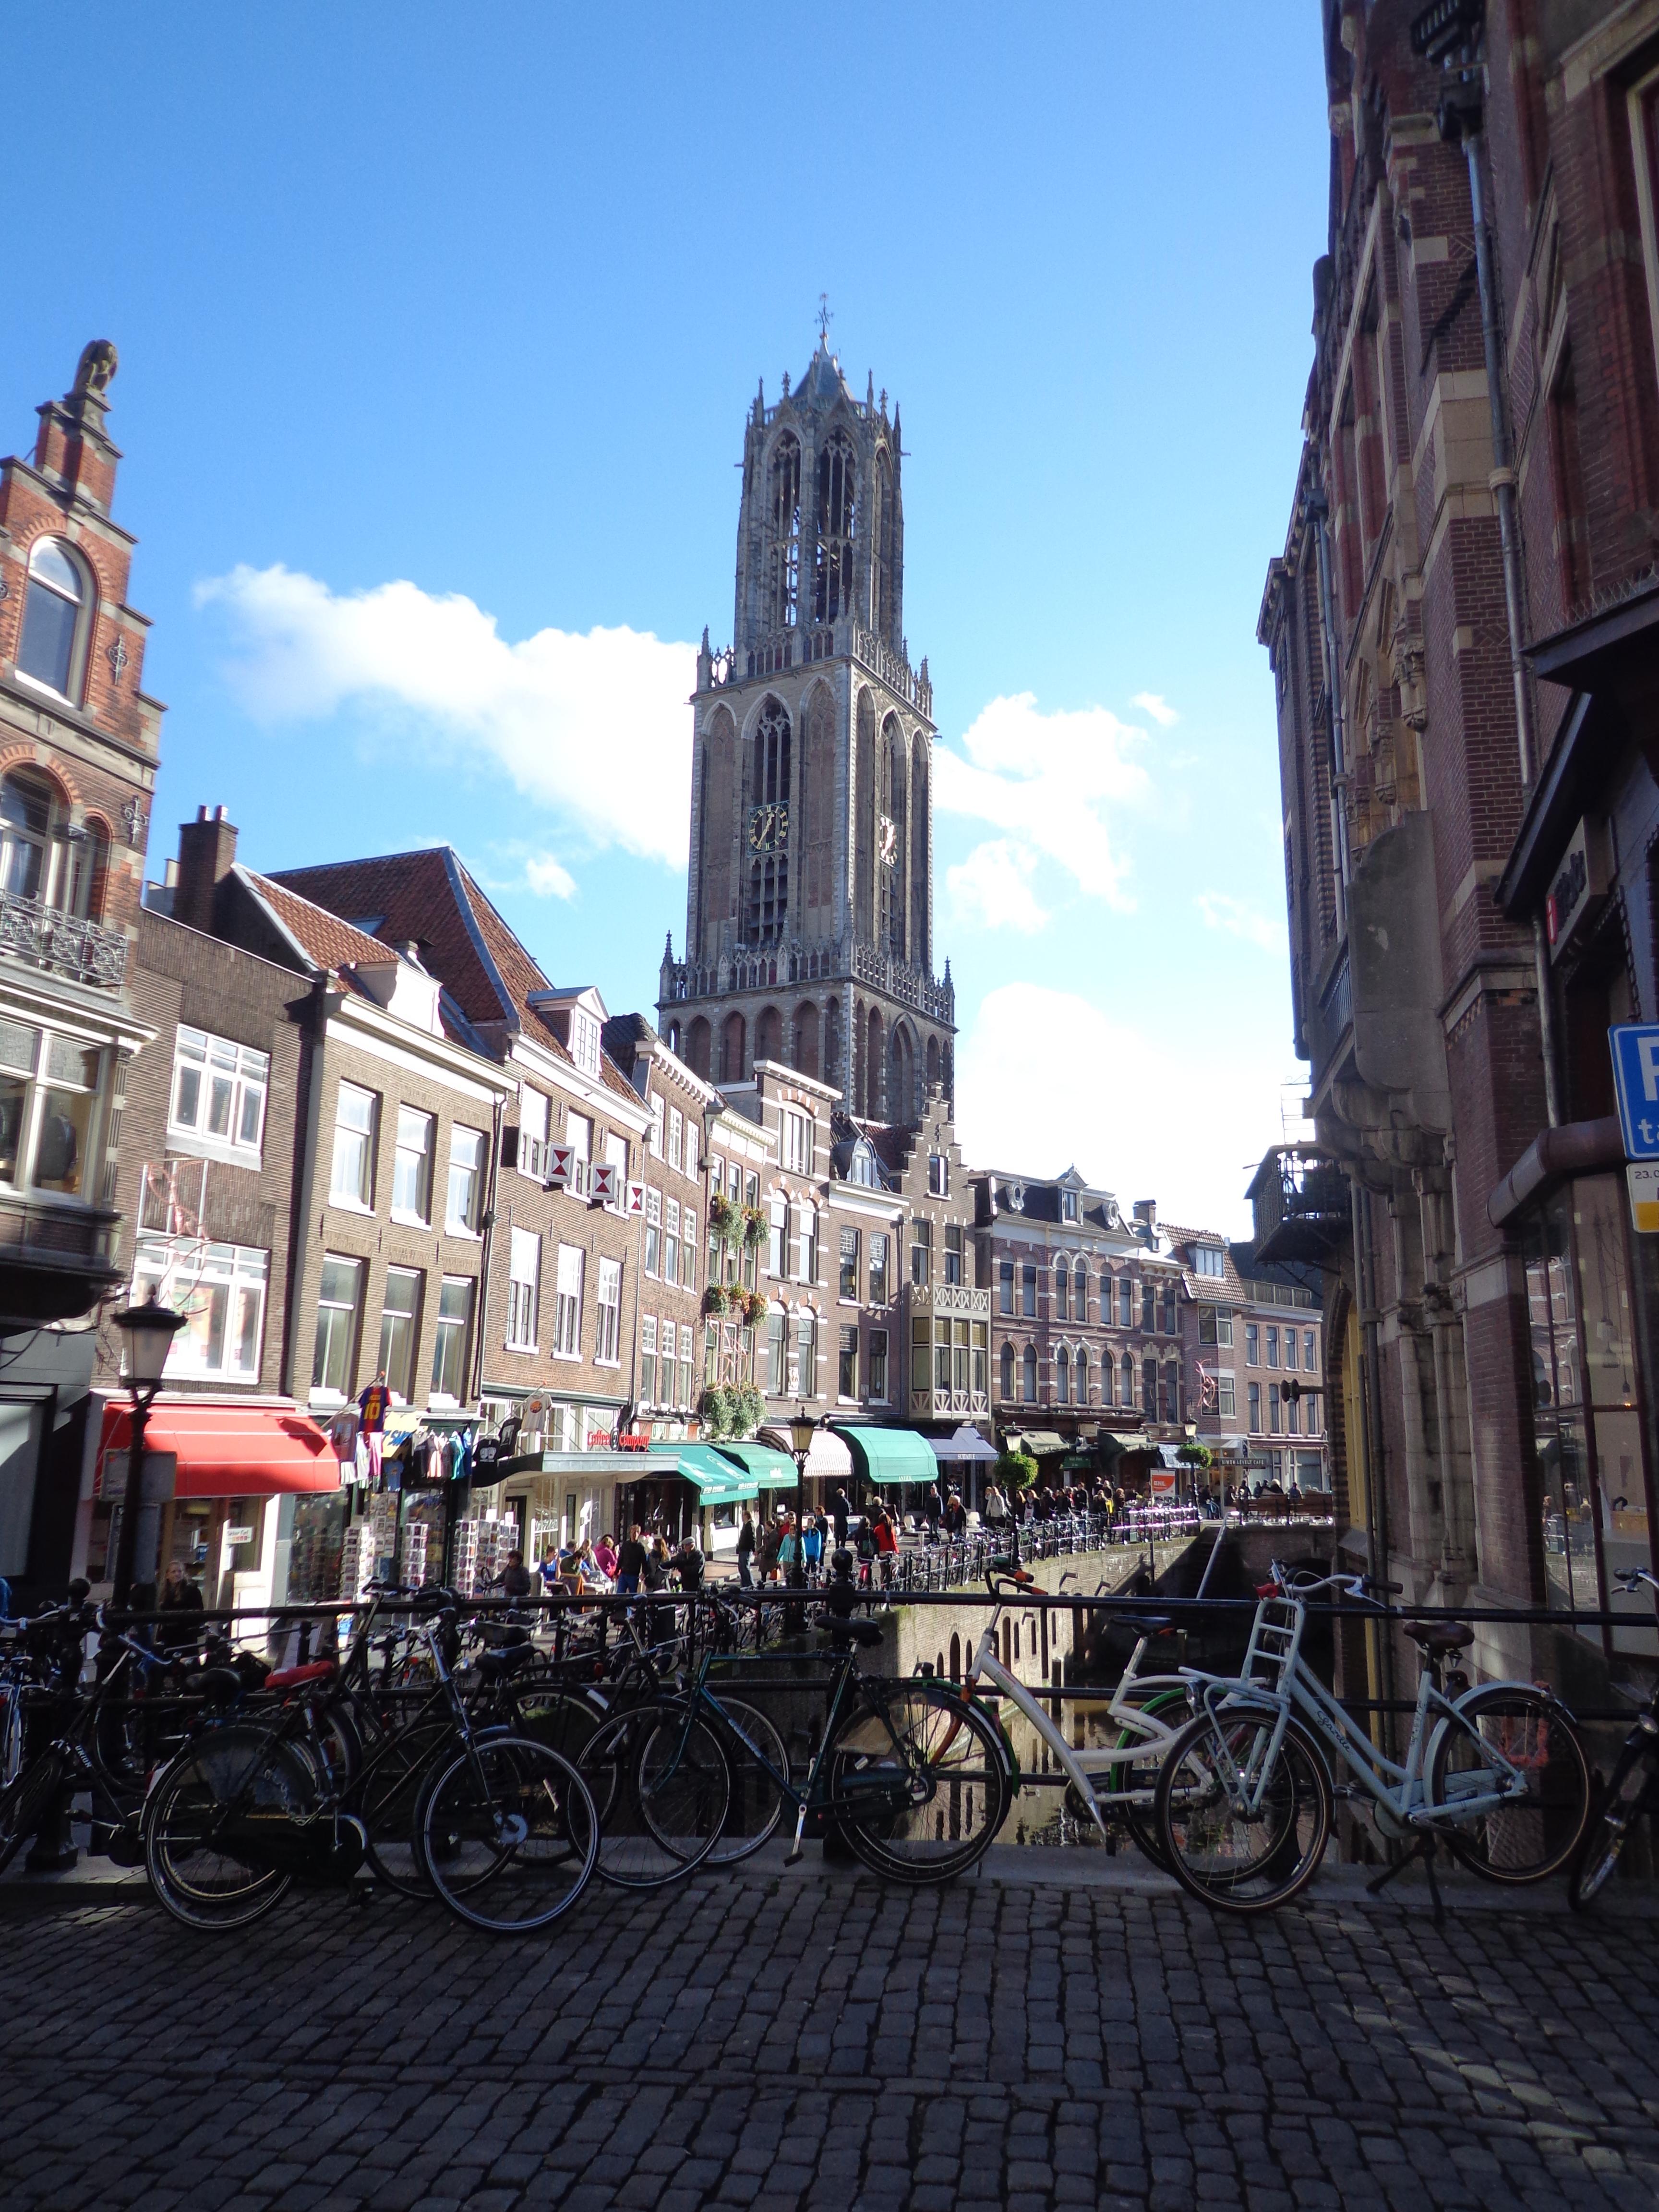 Στην ηλιολουστη Ουτρεχτη και στο κινηματογραφικο Λαιντεν! Utrecht & Leiden Road Trip part III